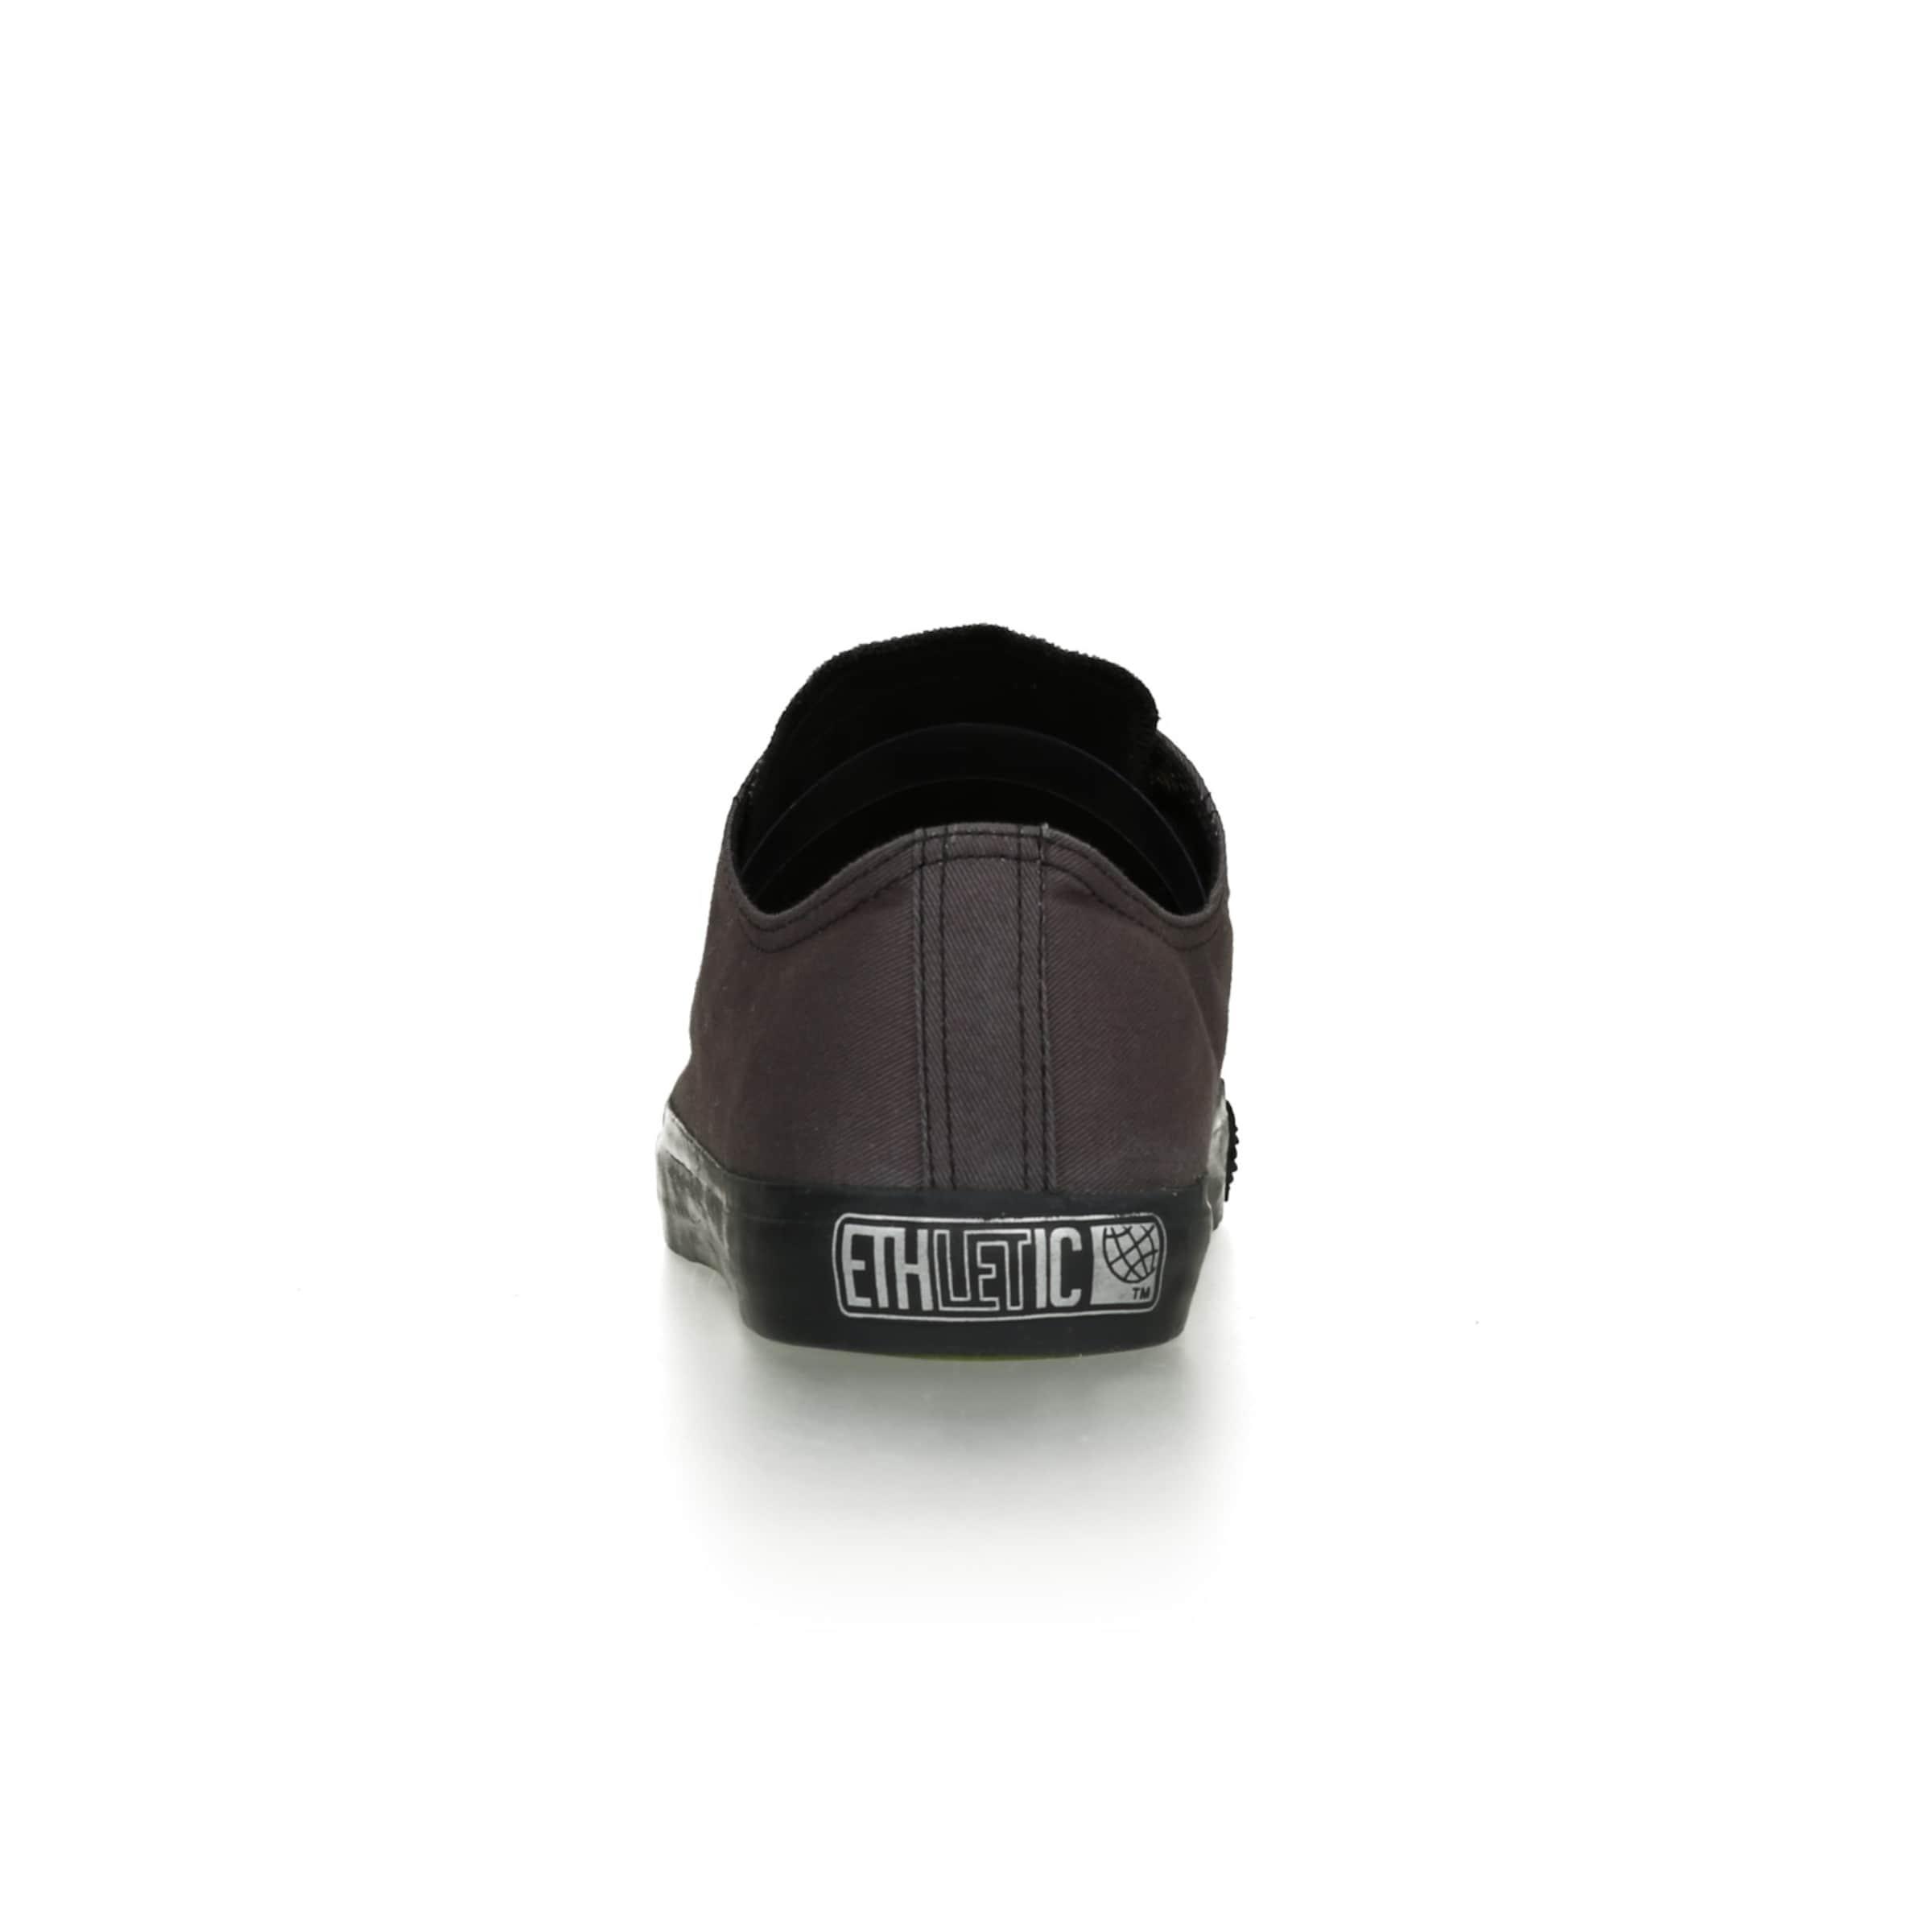 Trainer Classic' DunkelbraunSchwarz Sneaker In Ethletic 'fair jA4RL35